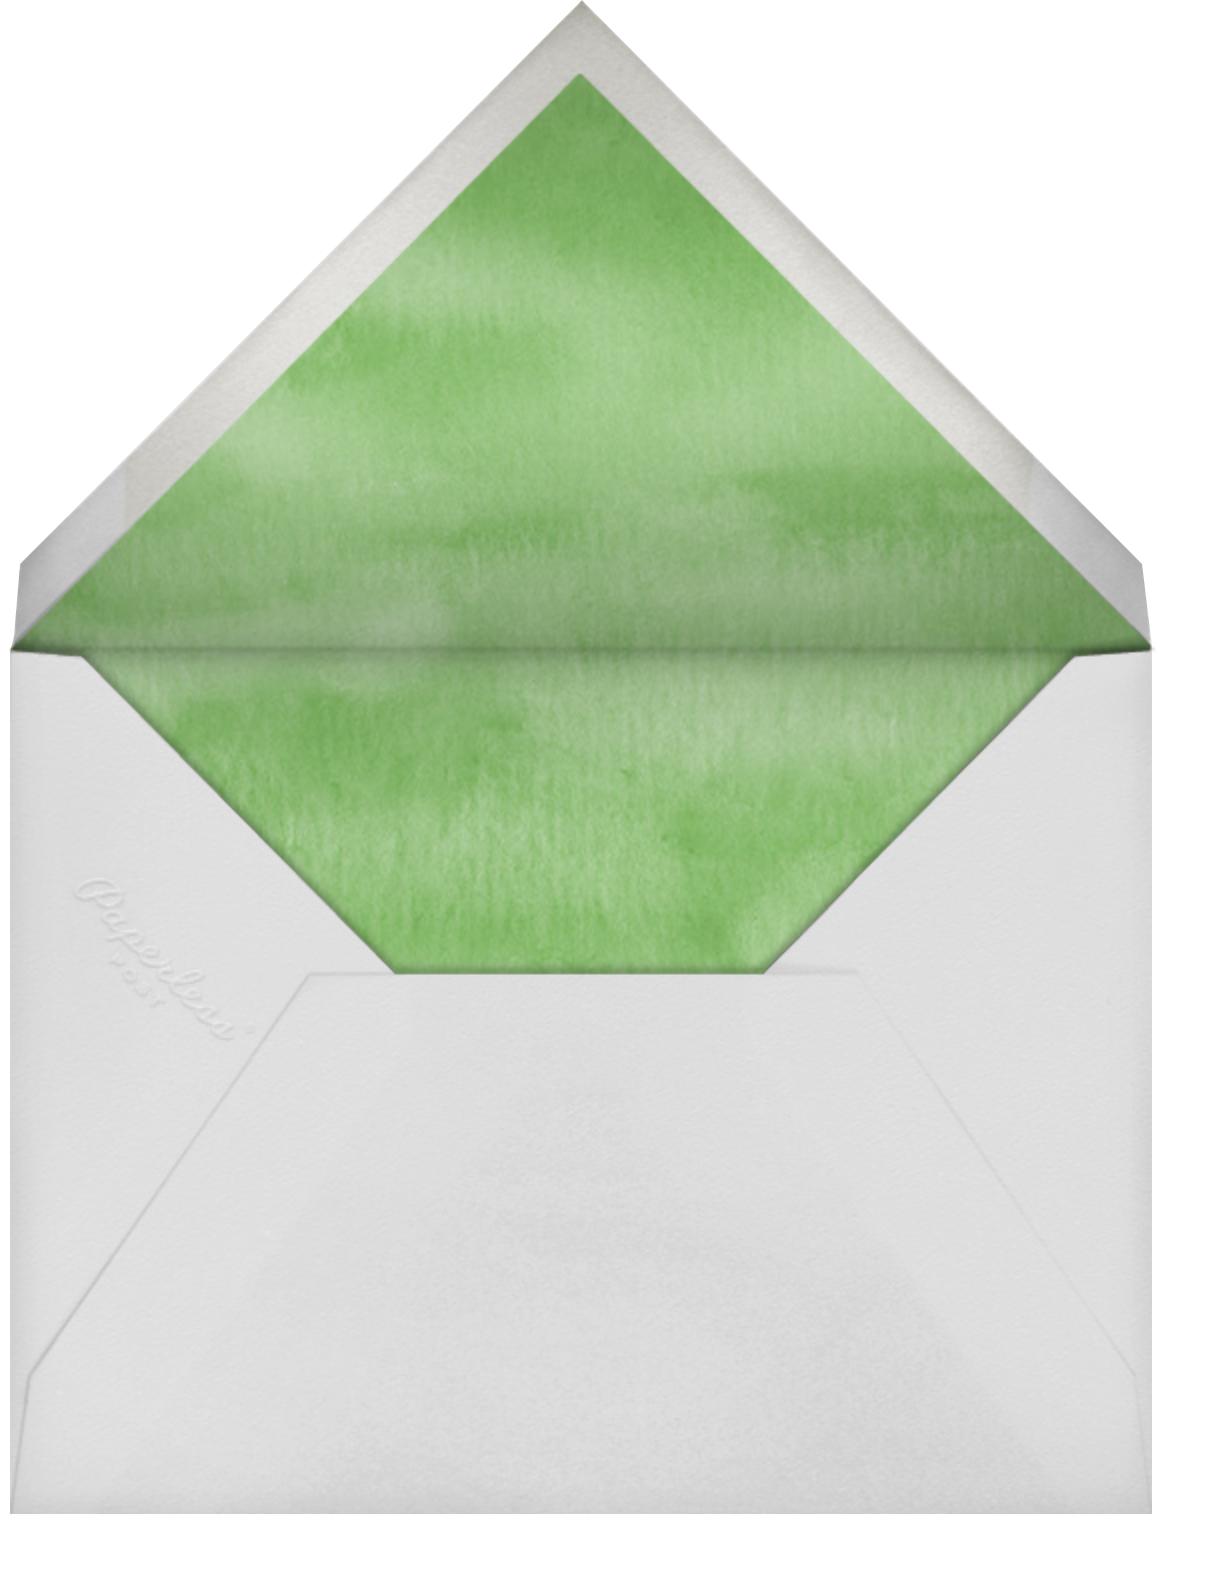 Helena (Stationery) - Felix Doolittle - Personalized stationery - envelope back